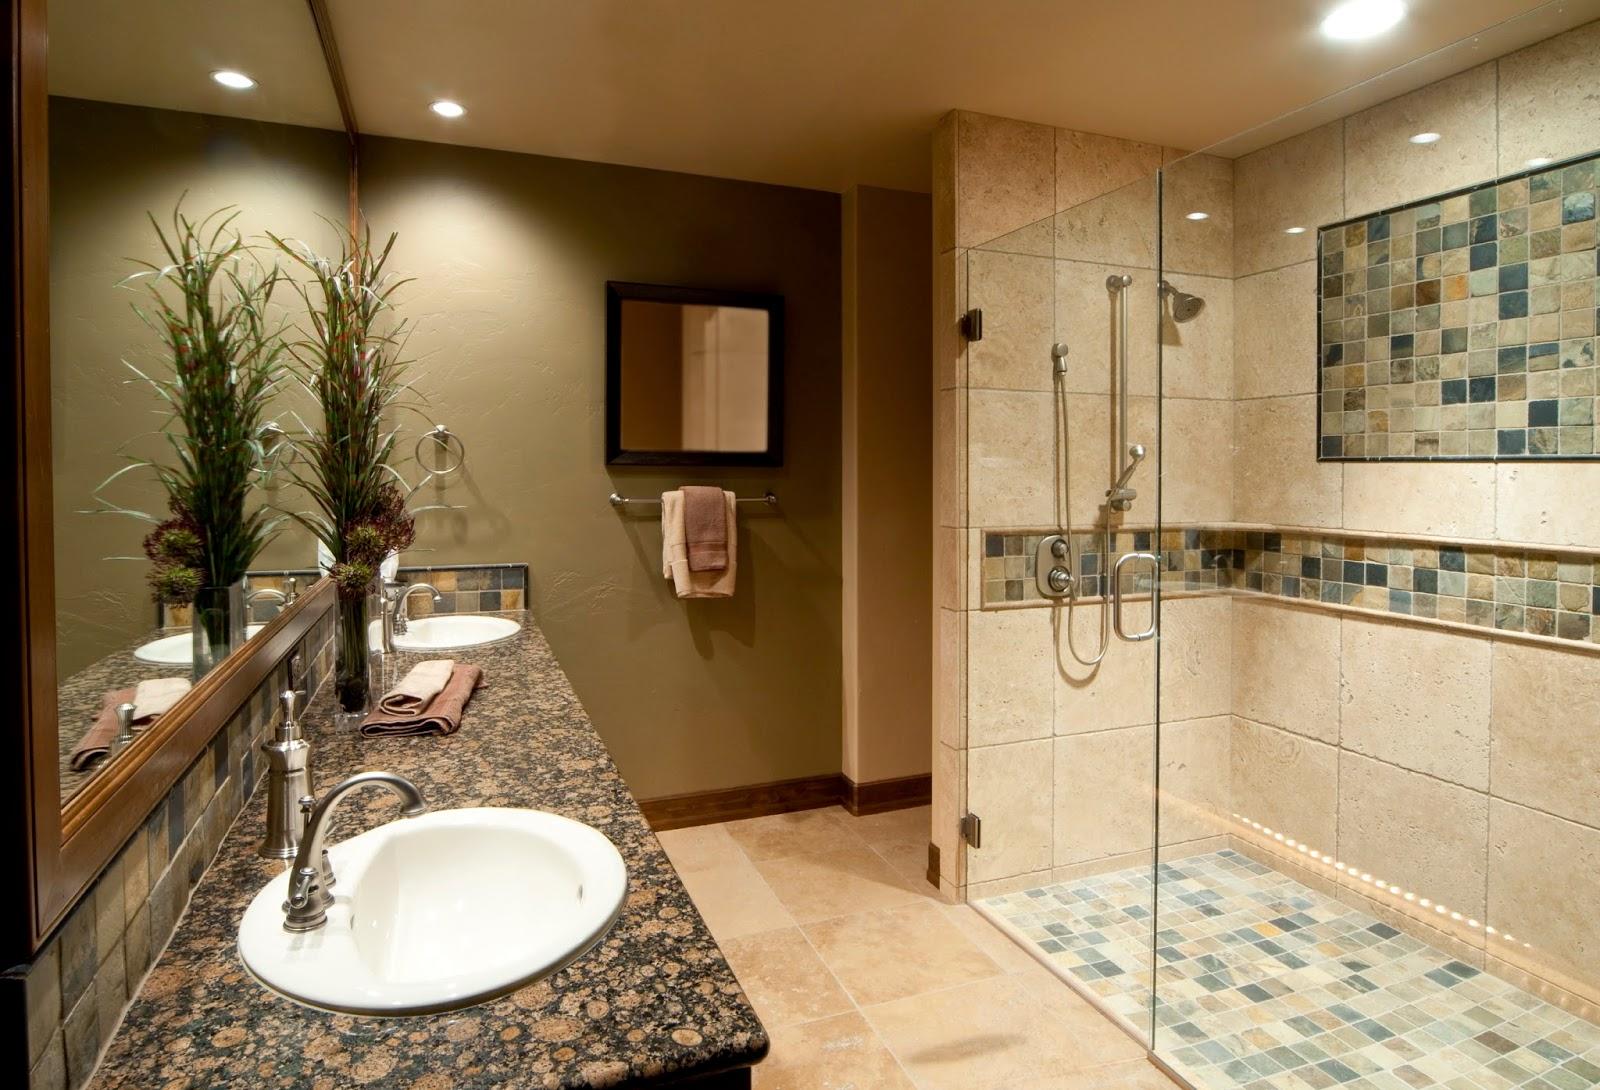 Comment Rénover Une Salle De Bains - Comment renover une salle de bain